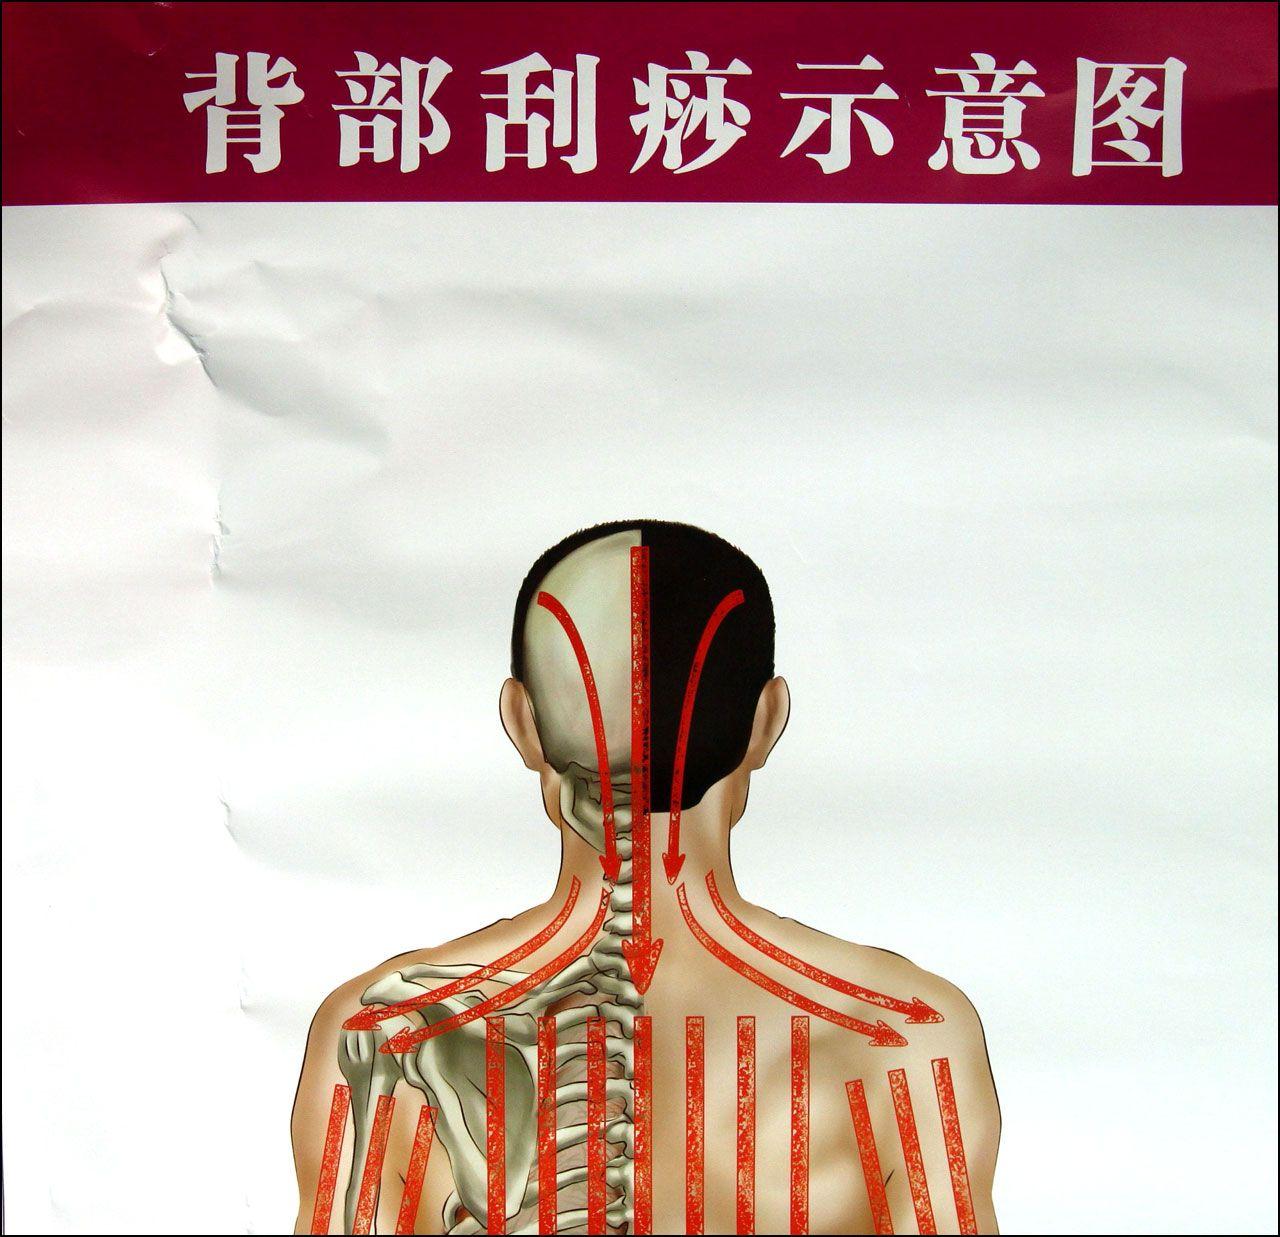 背部刮痧示意图气管炎哮喘保健图解